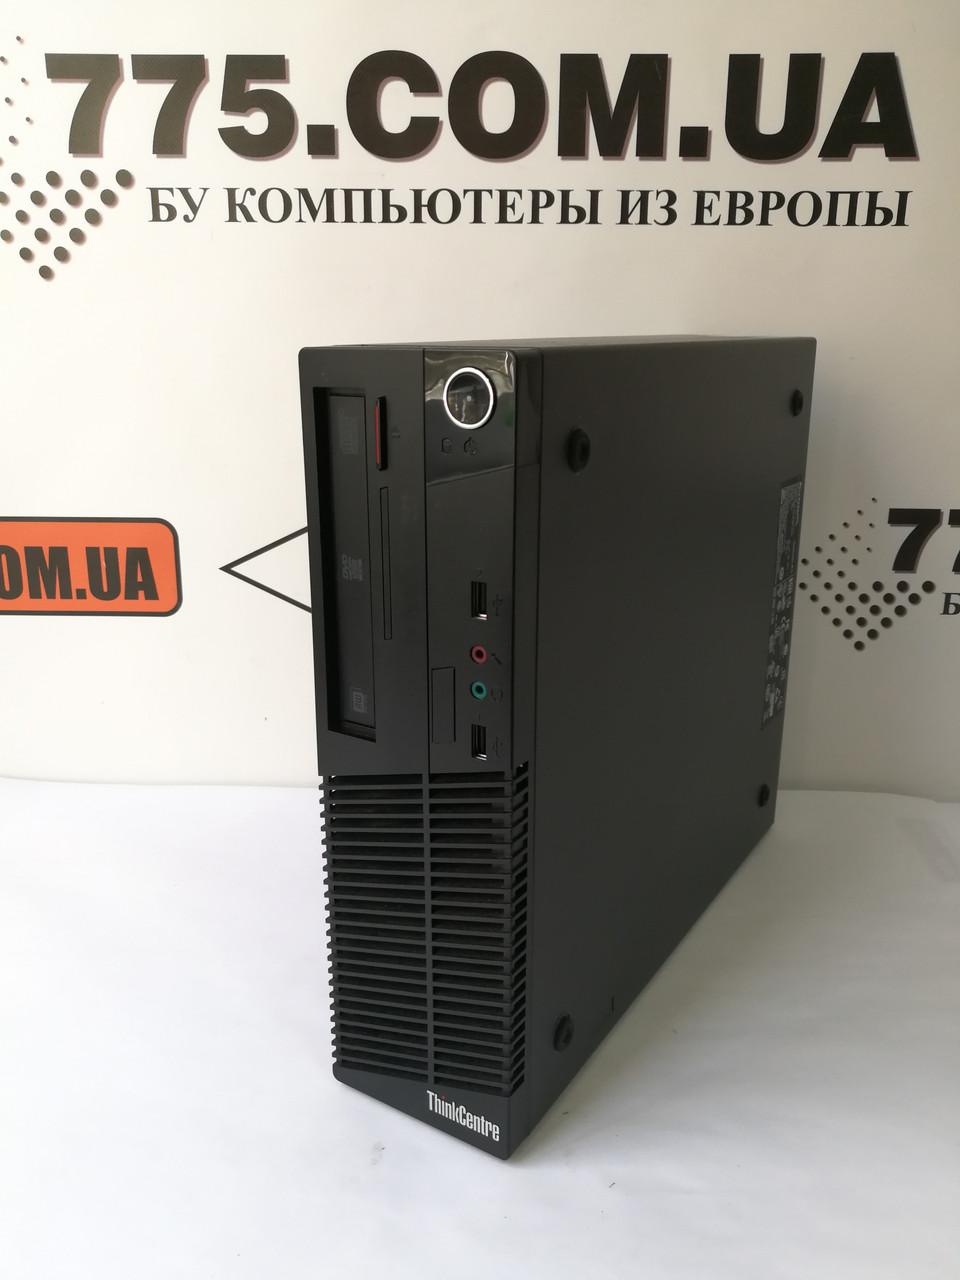 Компьютер Lenovo M73 DT, Intel Pentium G3230 3.0GHz, RAM 4ГБ, HDD 250ГБ